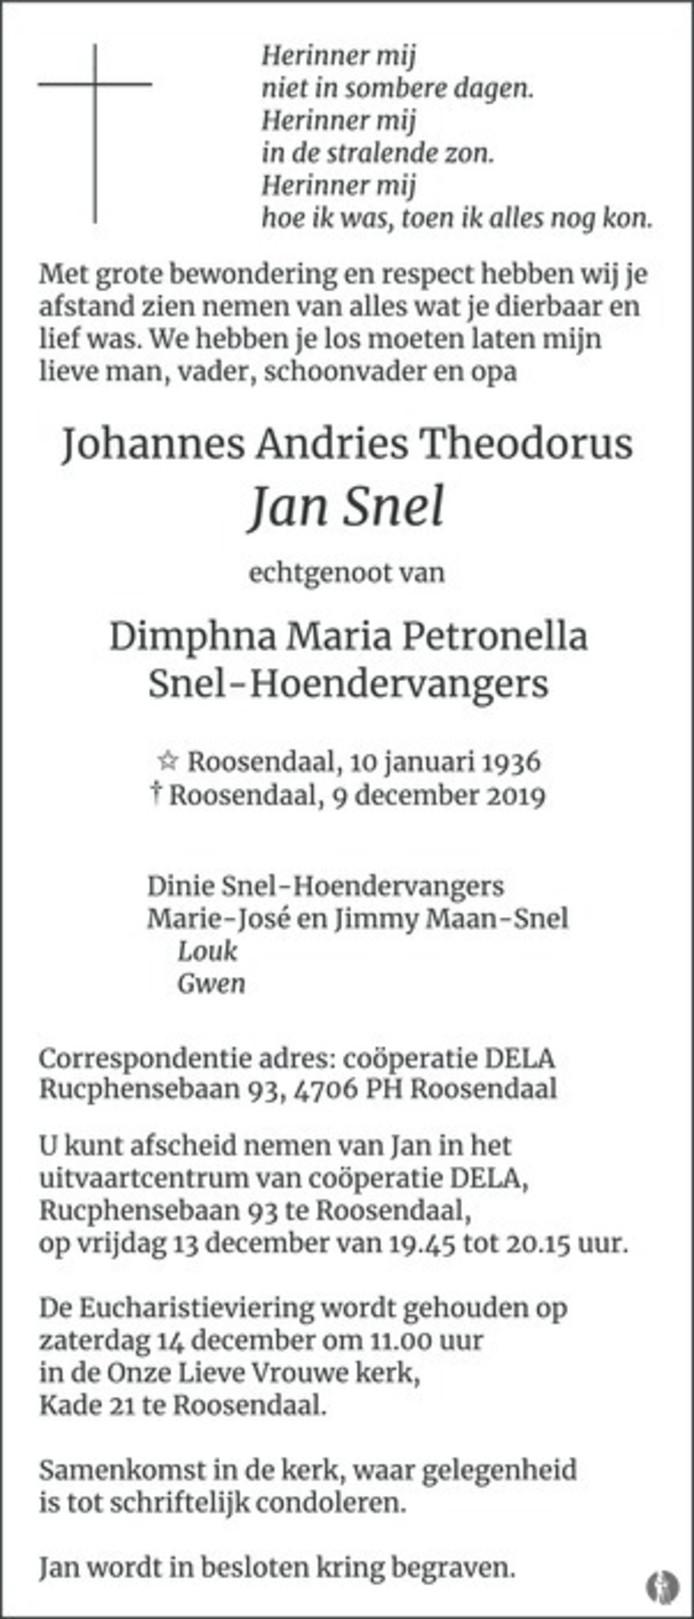 Overlijdensadvertentie Jan Snel.